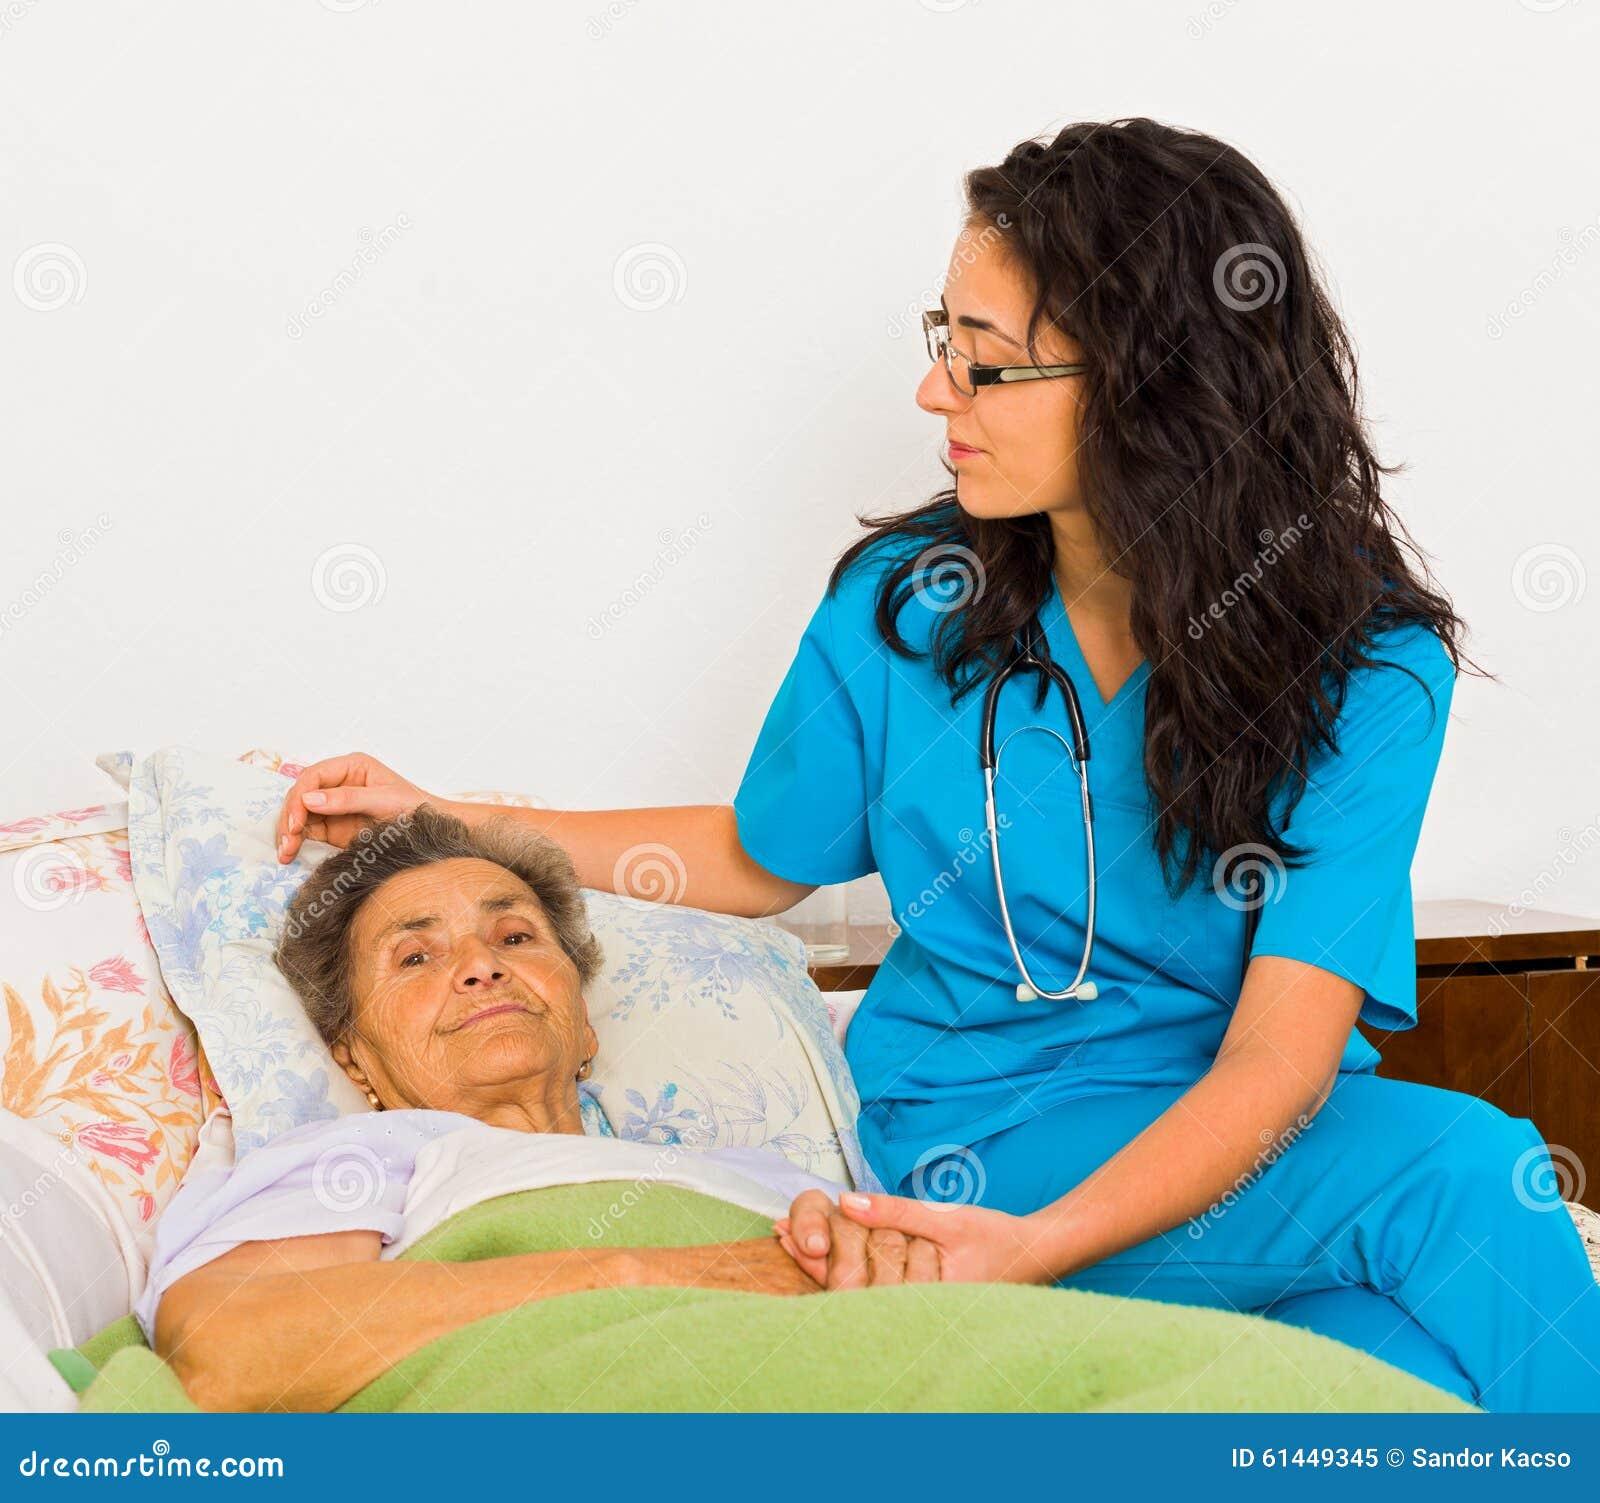 Krankenschwester Caring für ältere Patienten